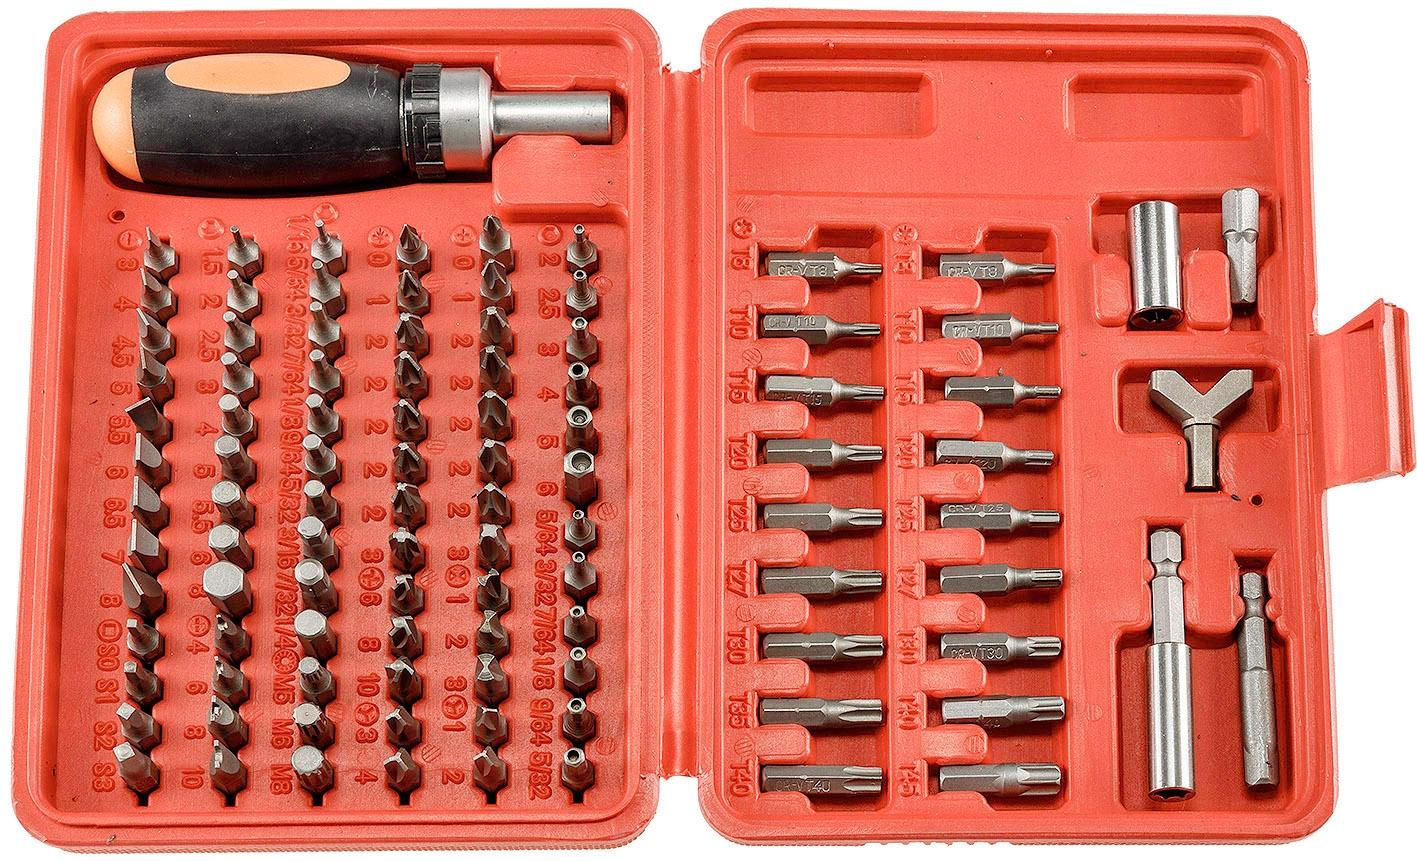 Bitbox Bitsatz Multi Box 101 mit 100 Bits und Ratschen-Schraubendreher CT 21656